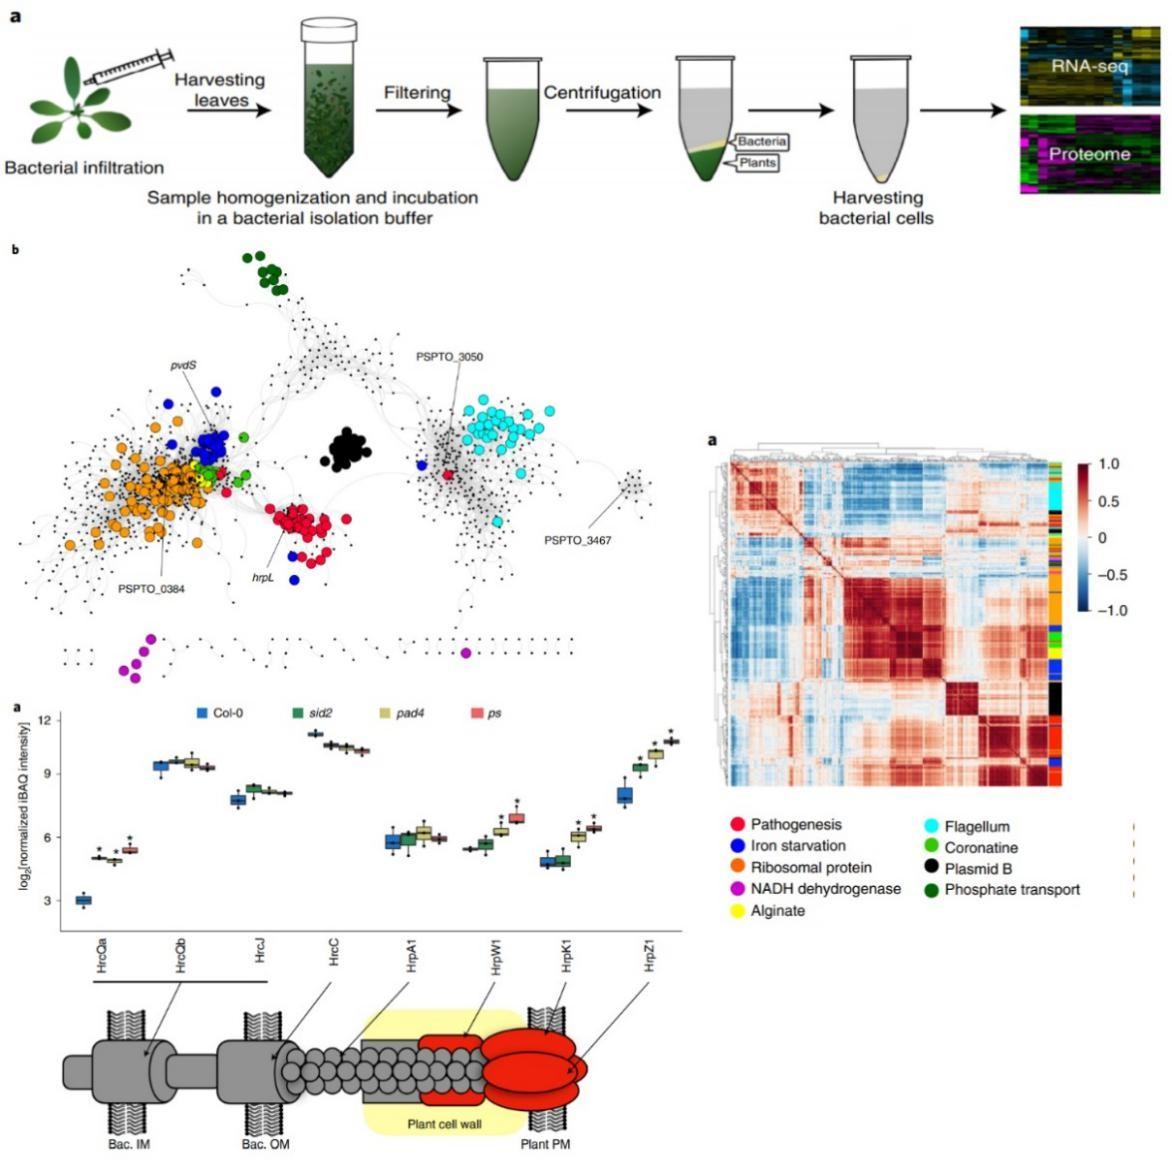 图1. 植物体内原位细菌转录组及蛋白质组学技术揭示病原细菌基因调控网络以及植物免疫系统特异性抑制细菌侵染机制